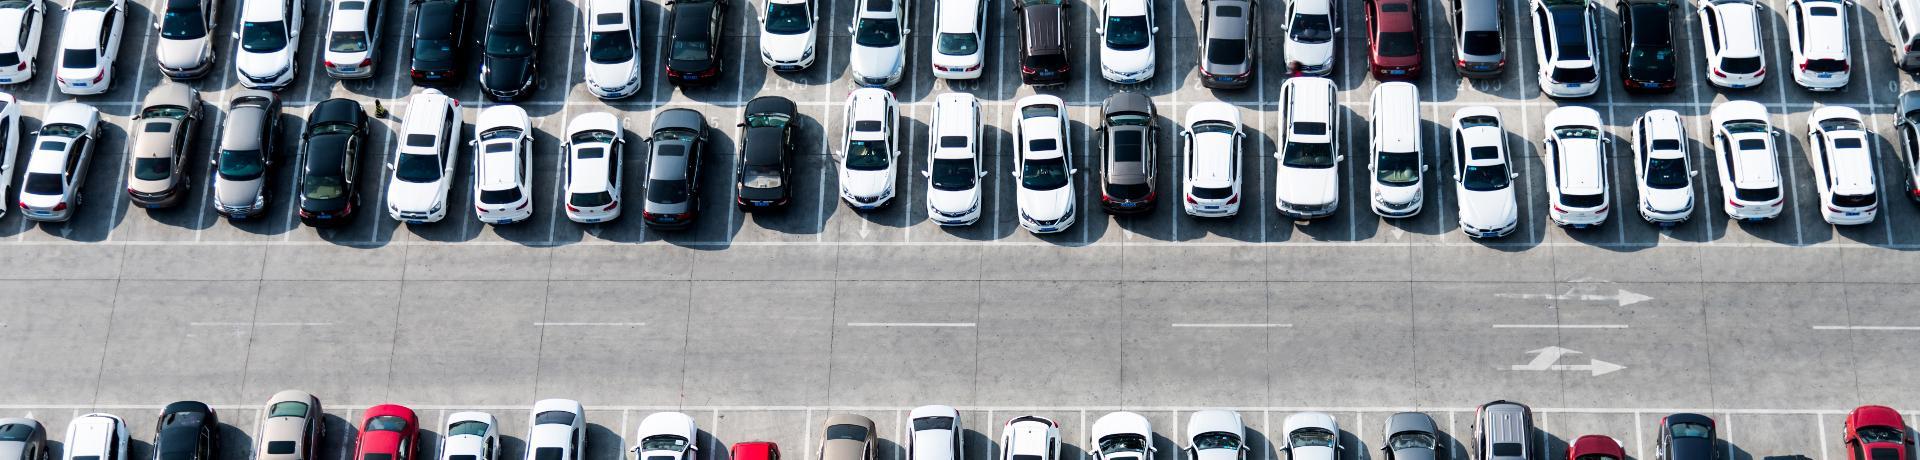 Flug Service: Parken am Flughafen - Parkplatz - Autos